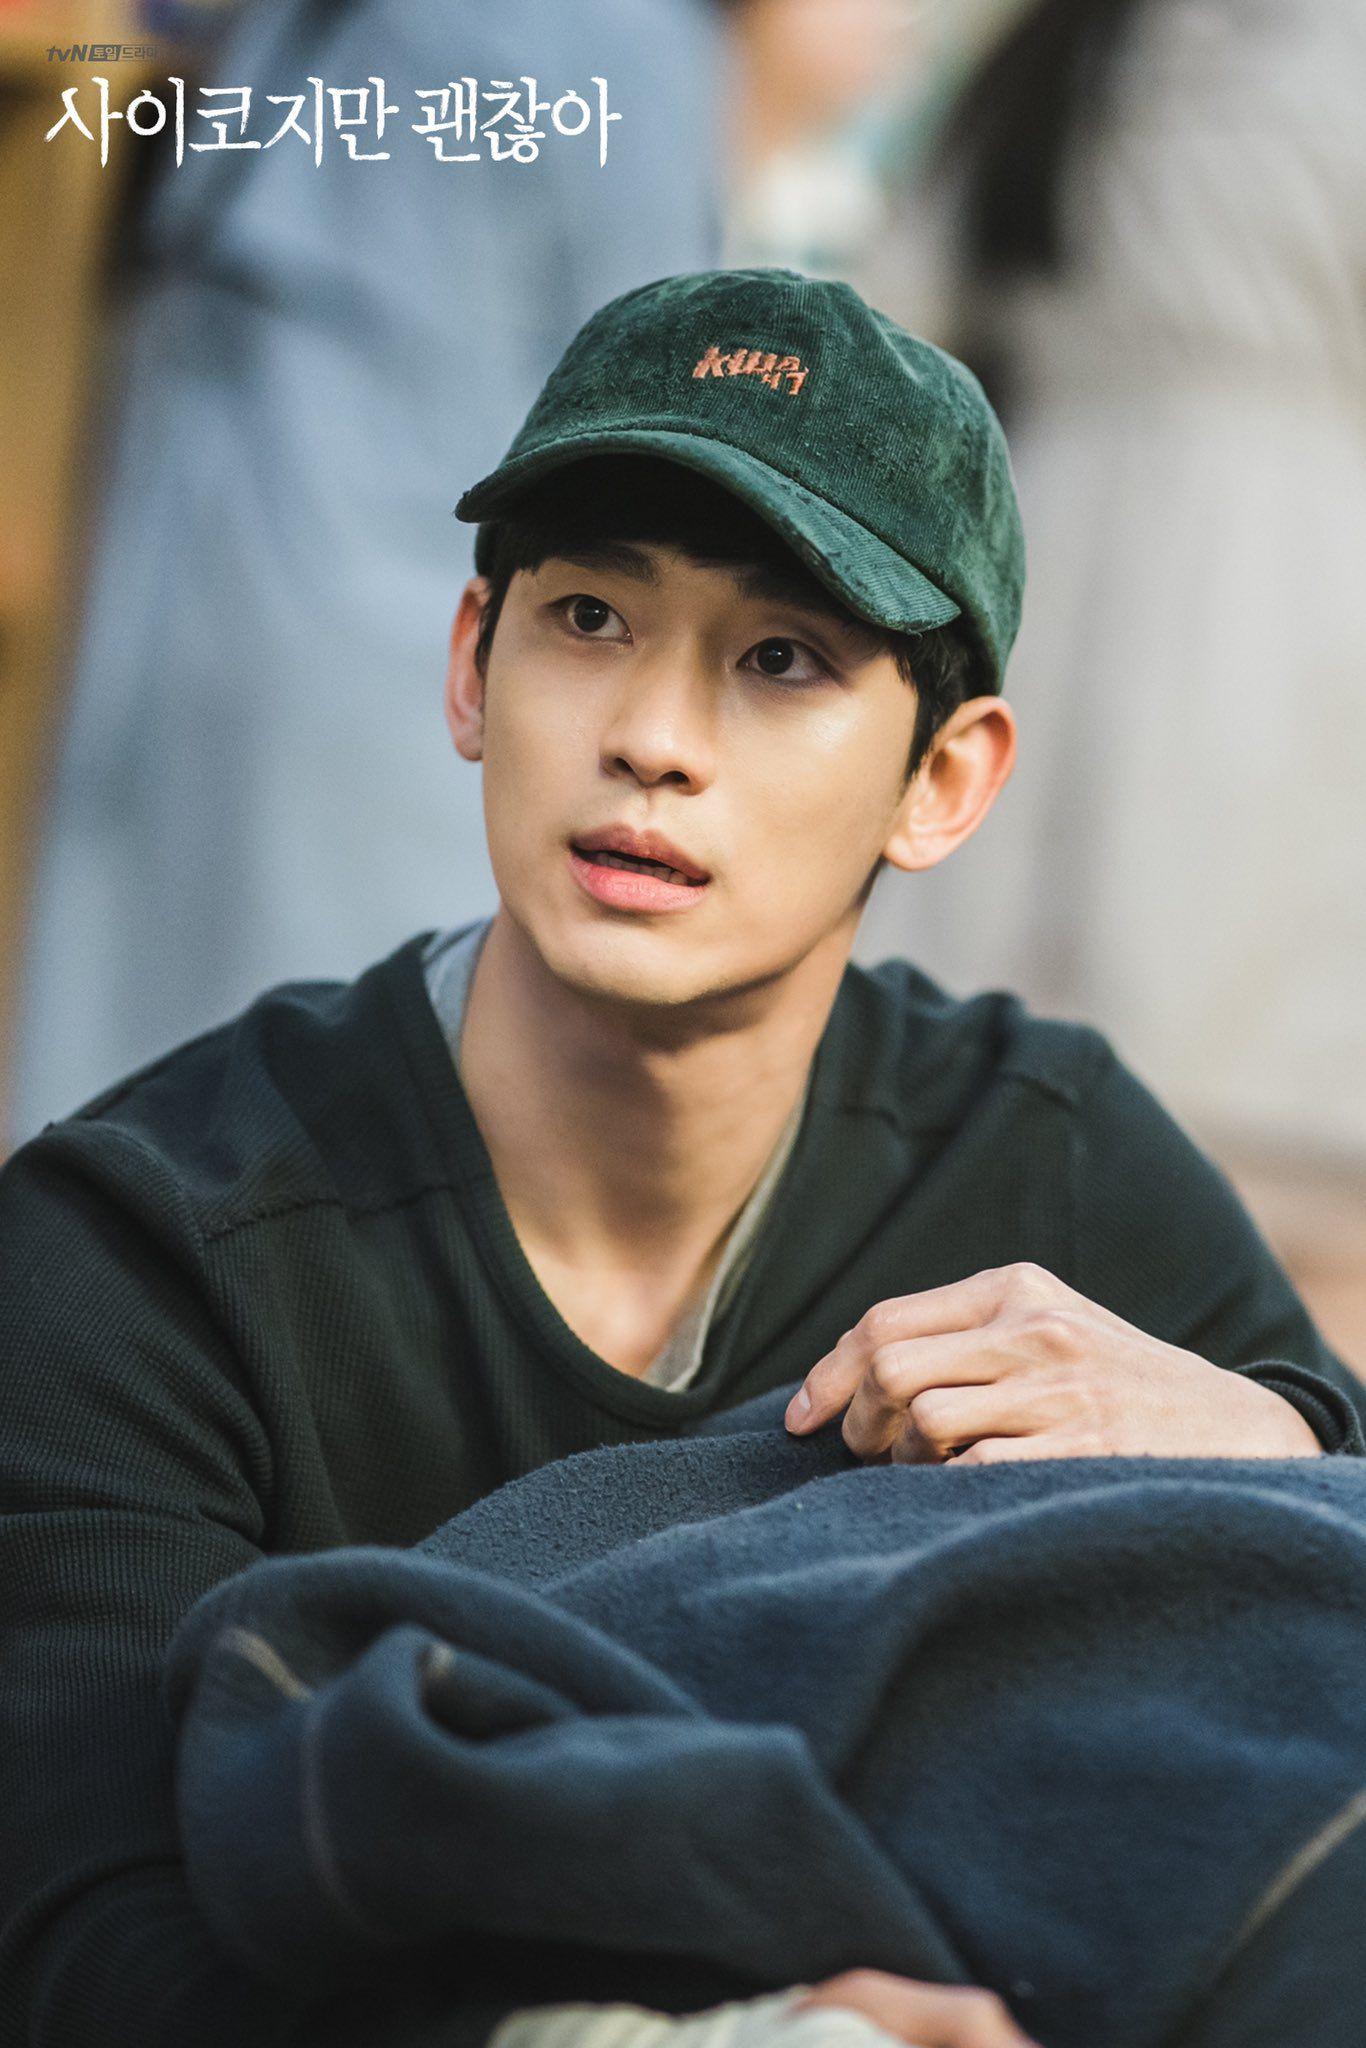 Tiết kiệm như anh Kim Soo Hyun: 7 năm vẫn đi một đôi dép, từ thời Ẩn Thân sang tận Điên Thì Có Sao chứ chẳng đùa! - Ảnh 1.